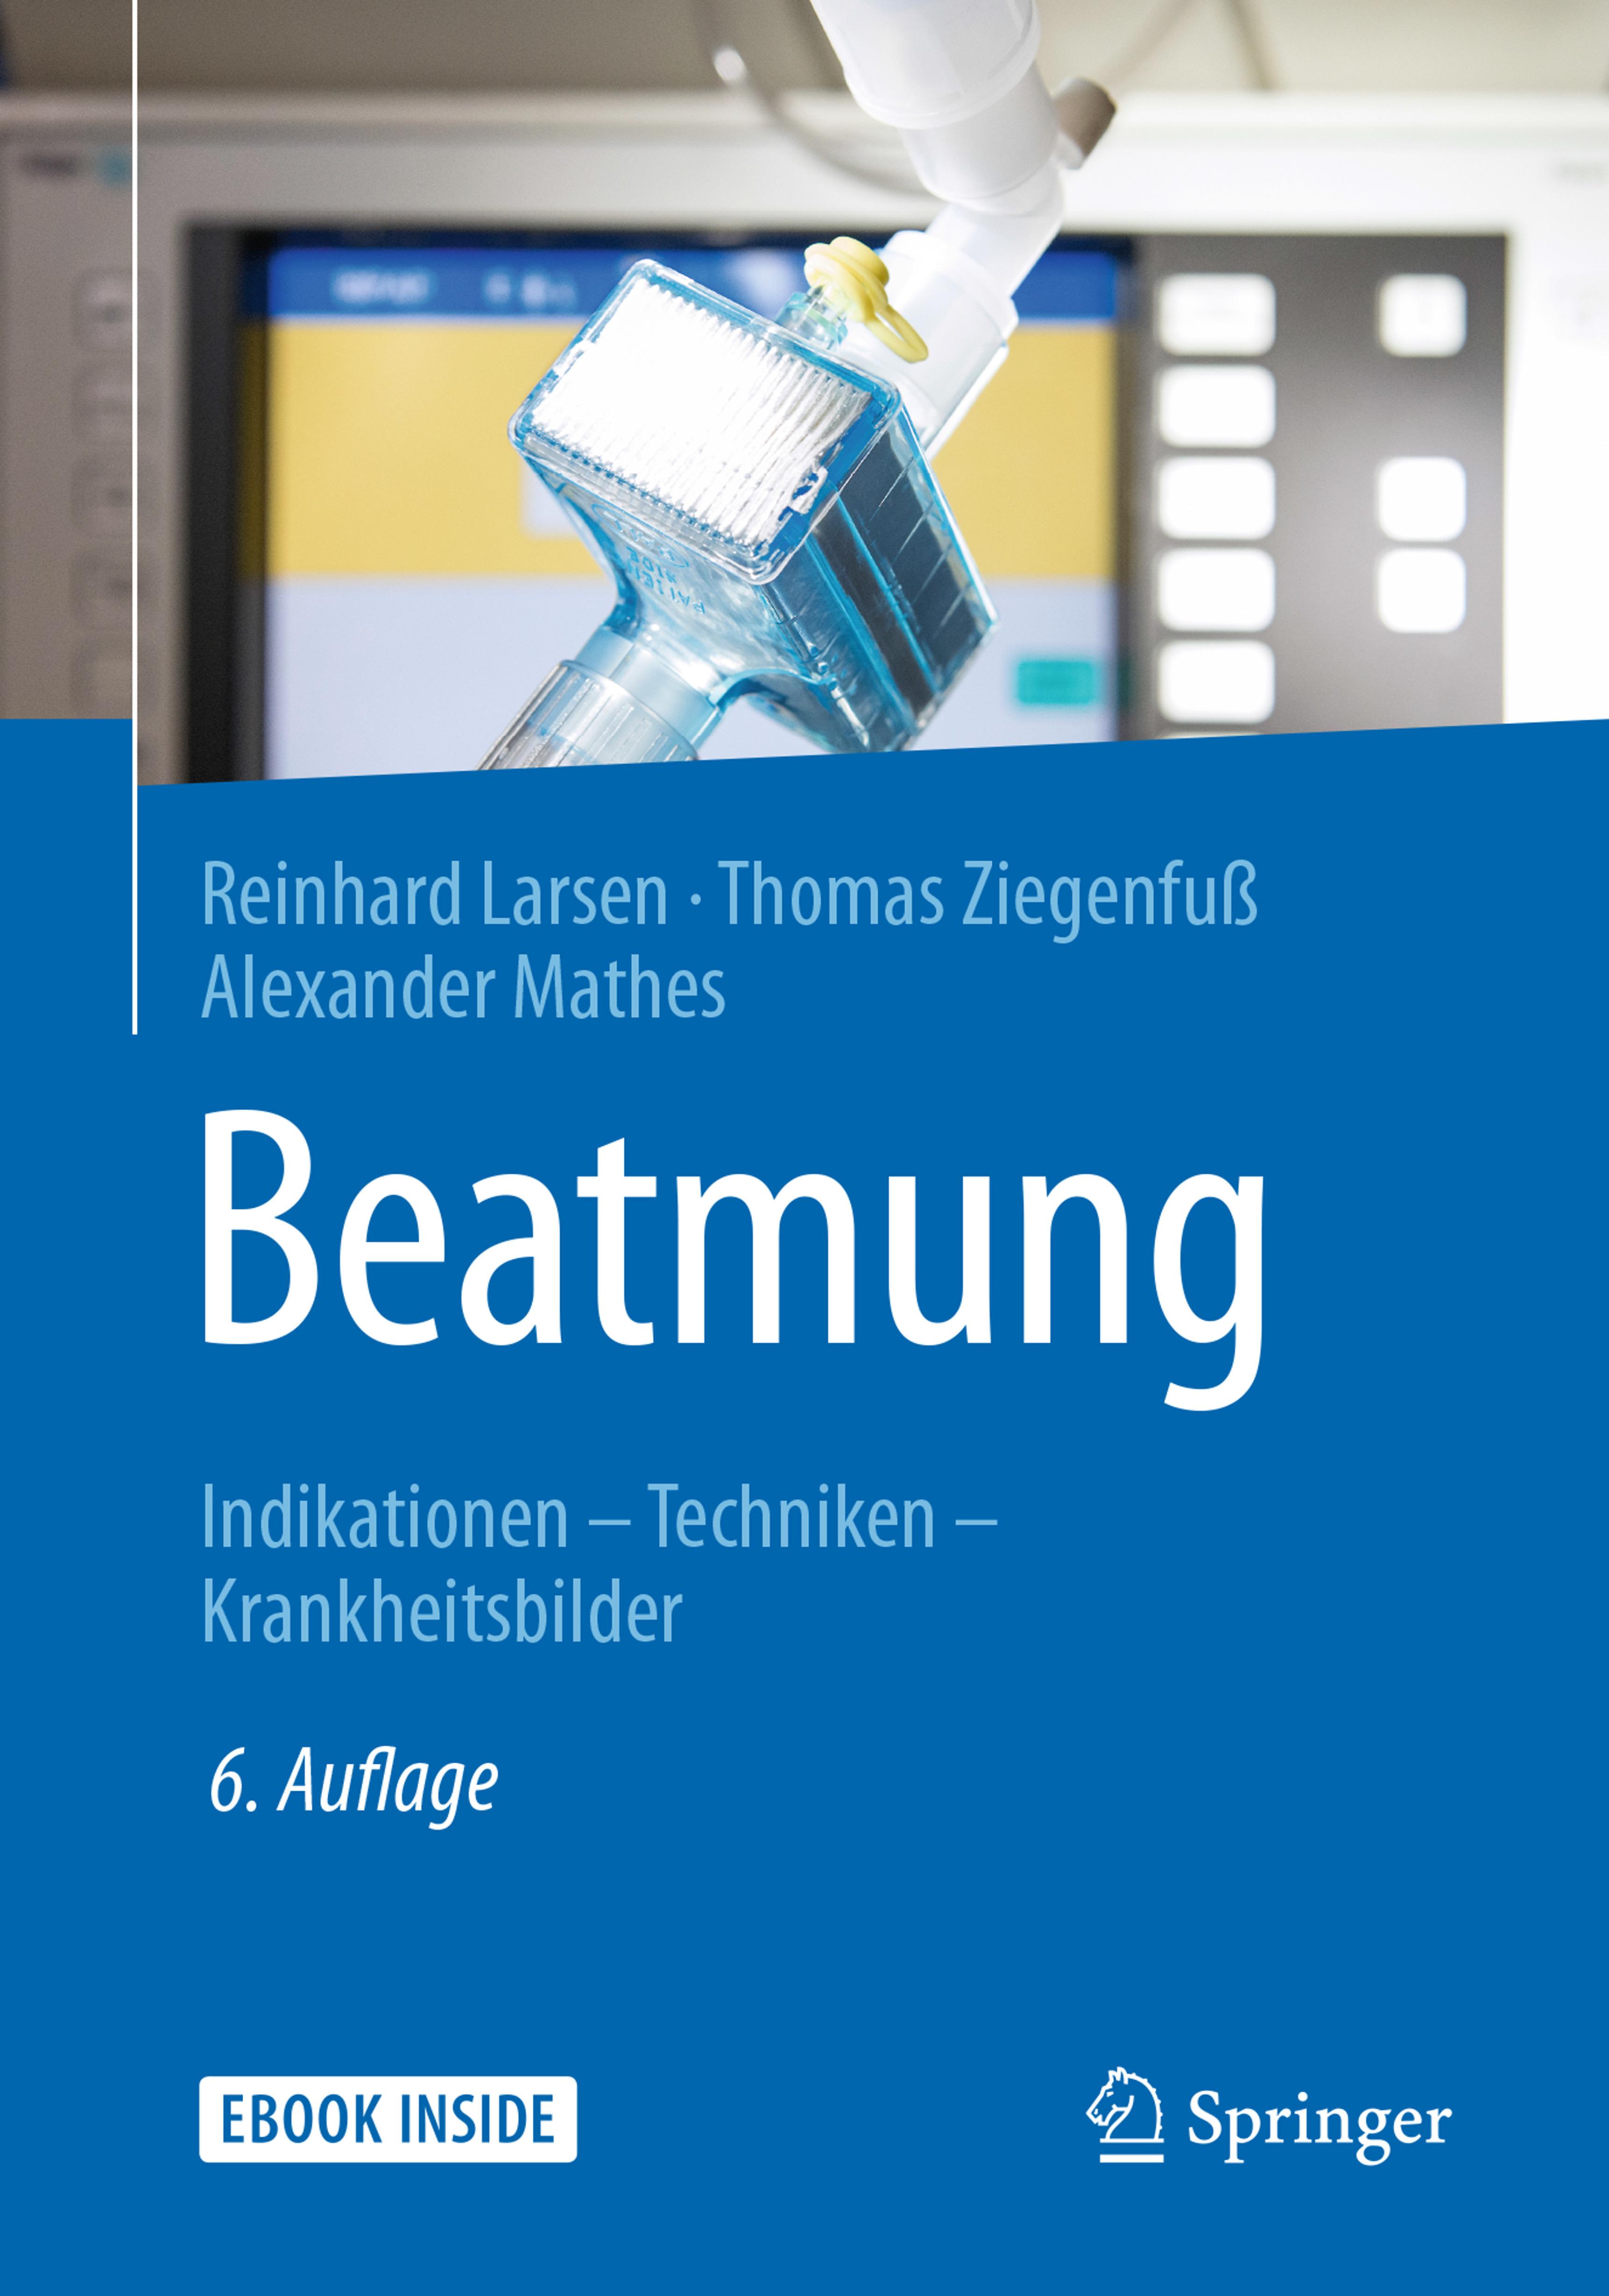 Larsen, Reinhard - Beatmung, ebook